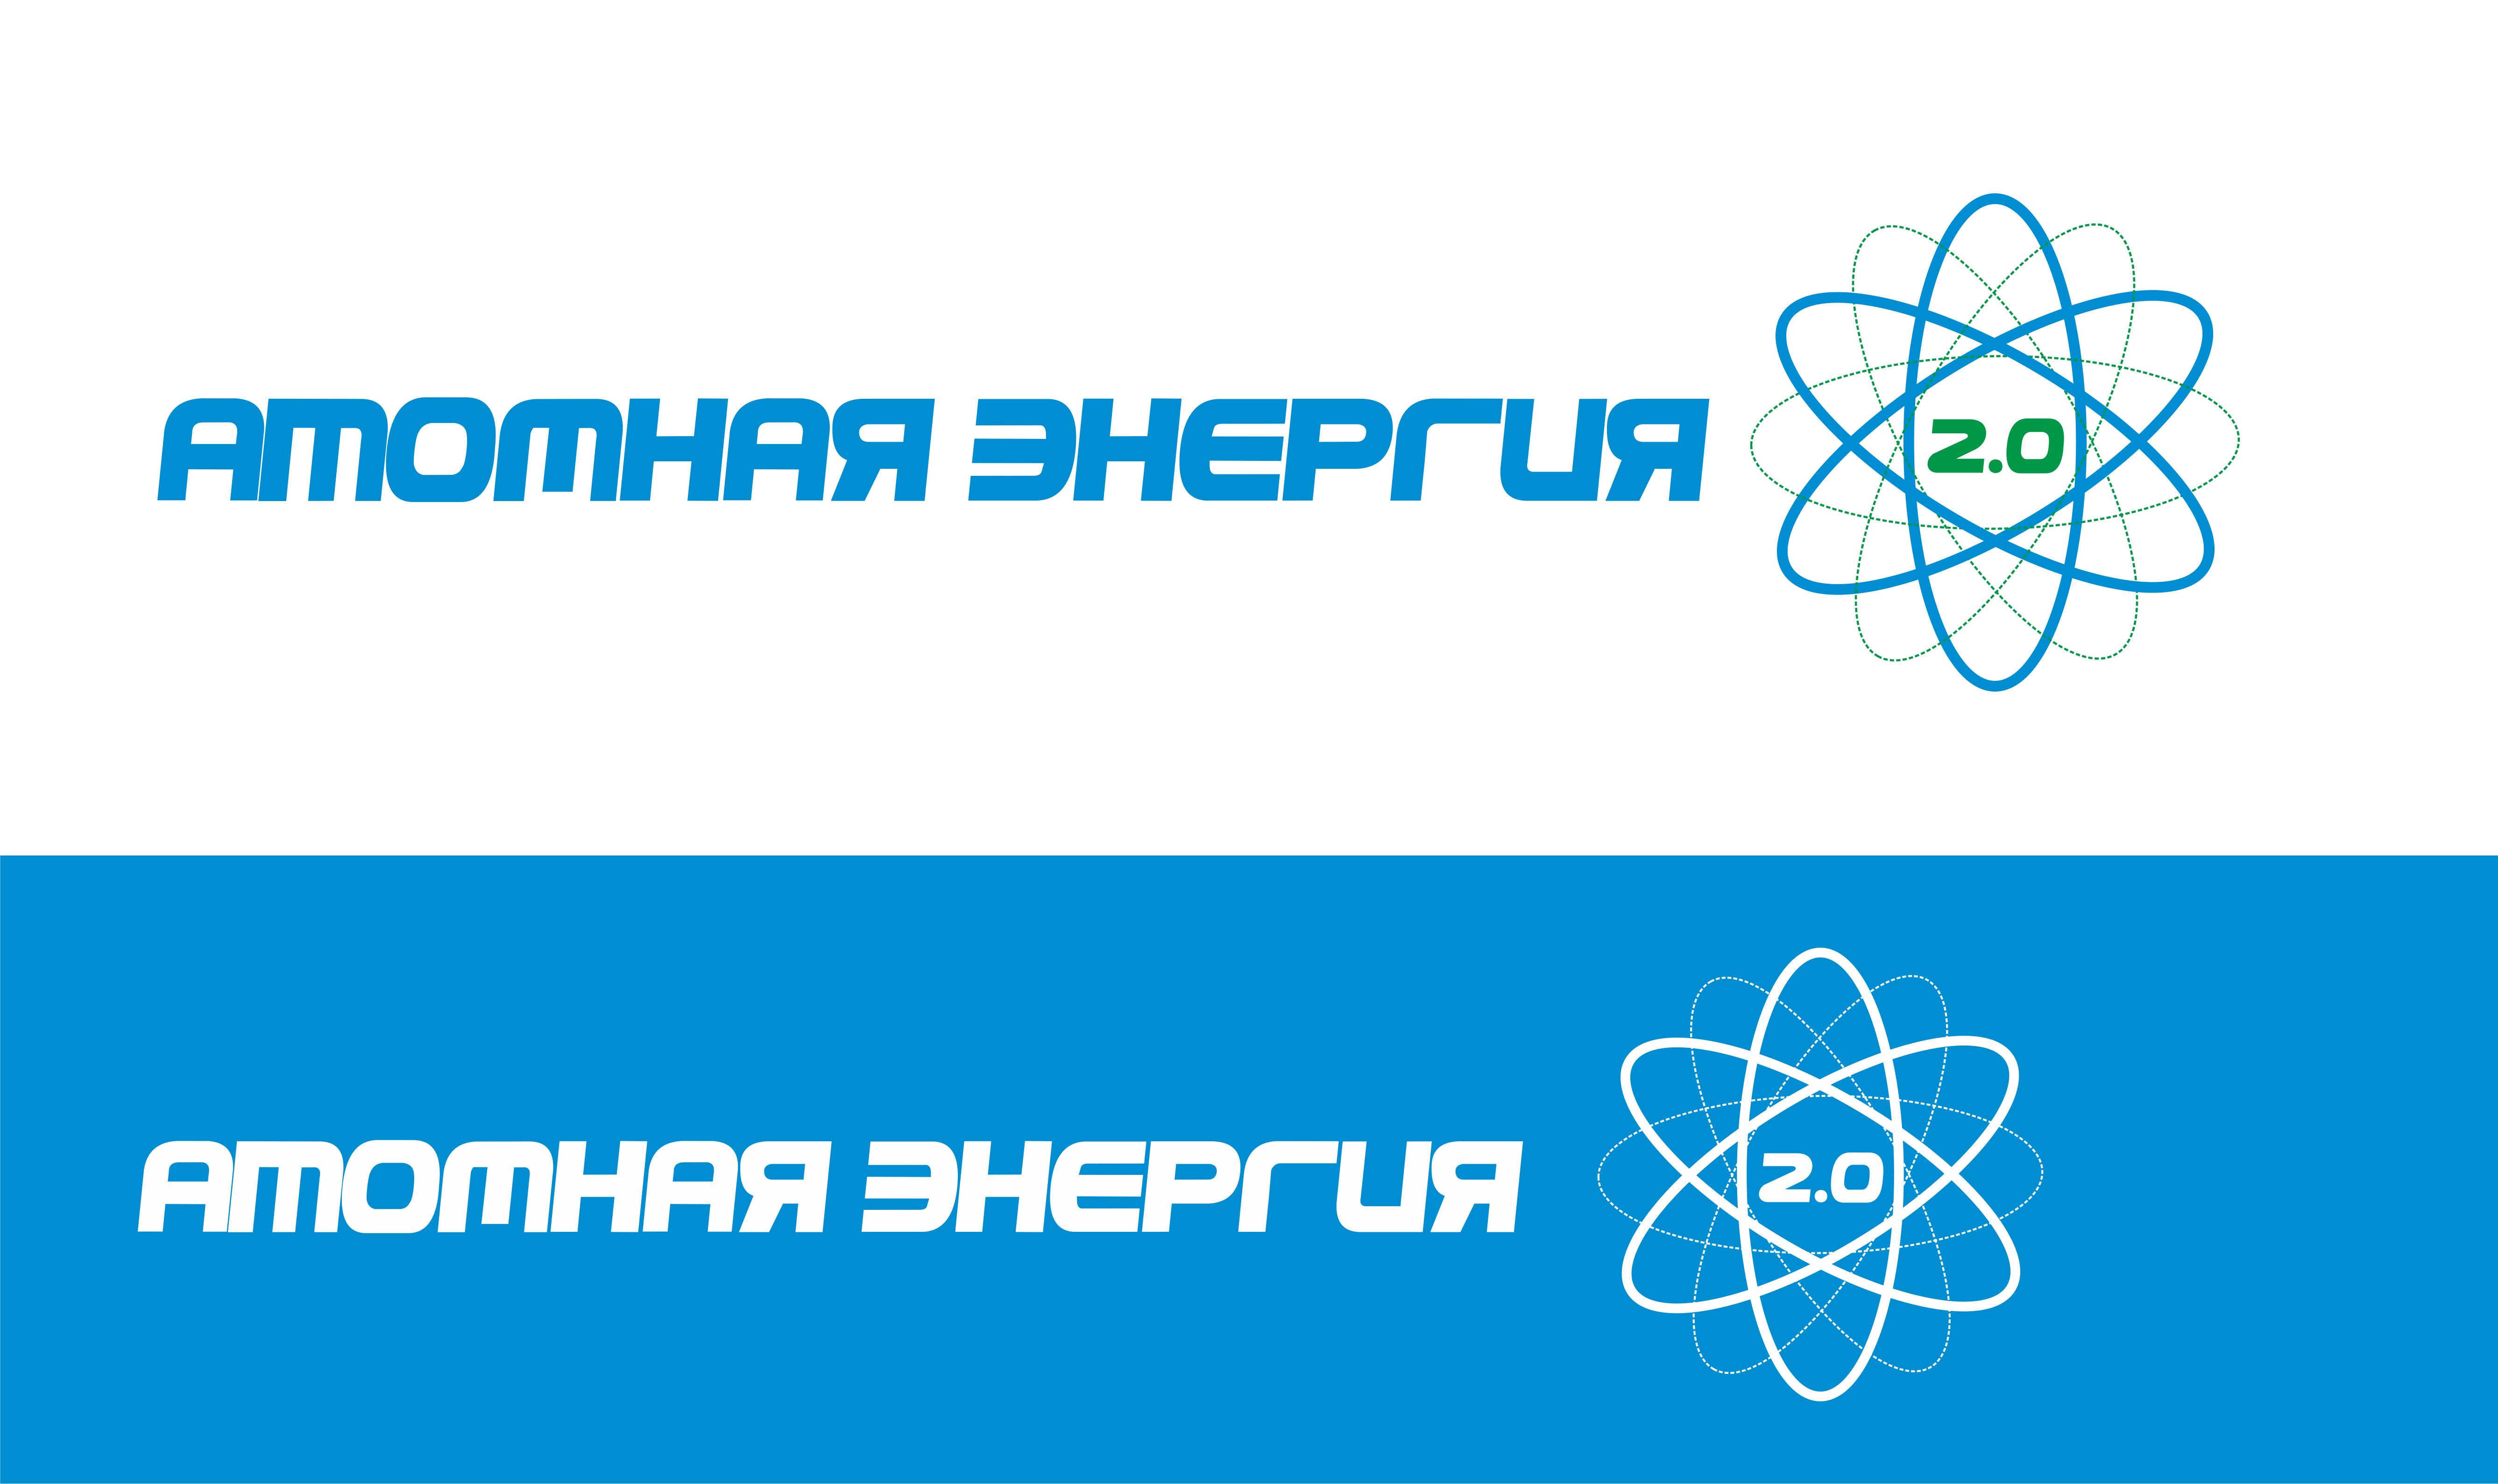 """Фирменный стиль для научного портала """"Атомная энергия 2.0"""" фото f_68059e1d26a9e9f1.jpg"""